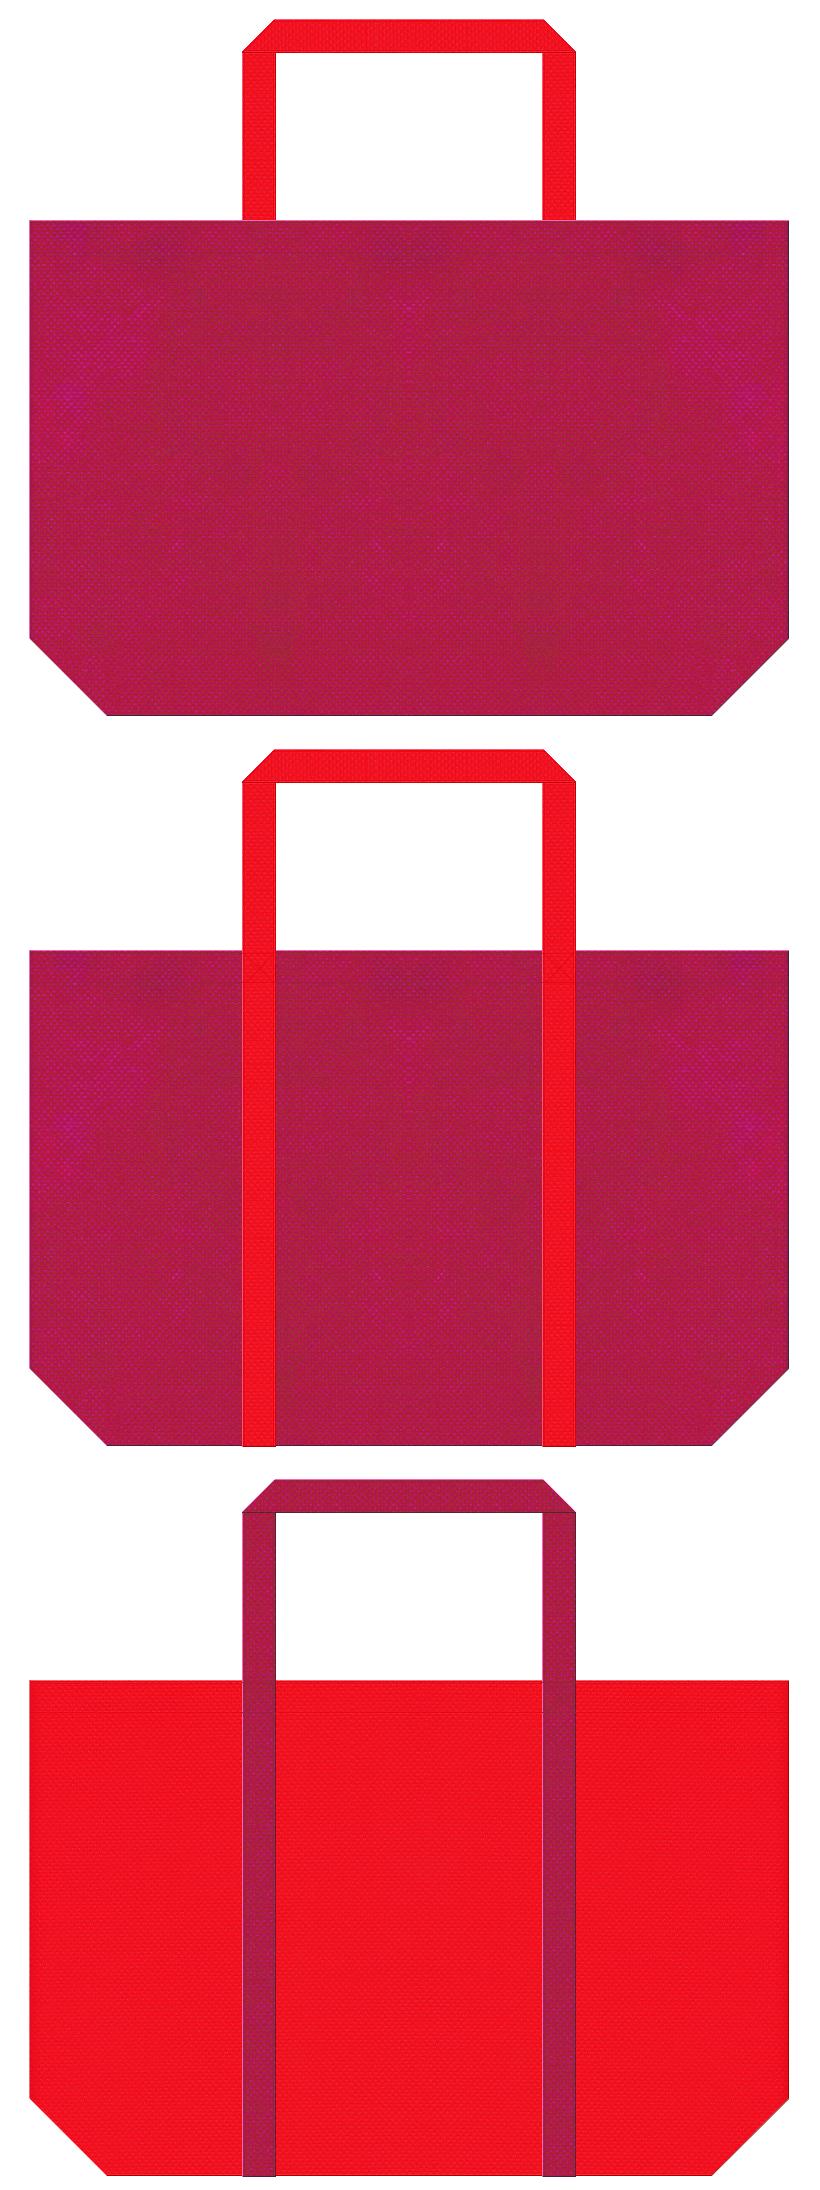 祇園・舞妓・絢爛・花吹雪・茶会・和傘・邦楽演奏会・花火大会・観光・お祭り・法被・お正月・和風催事・福袋にお奨めの不織布バッグデザイン:濃いピンク色と赤色のコーデ